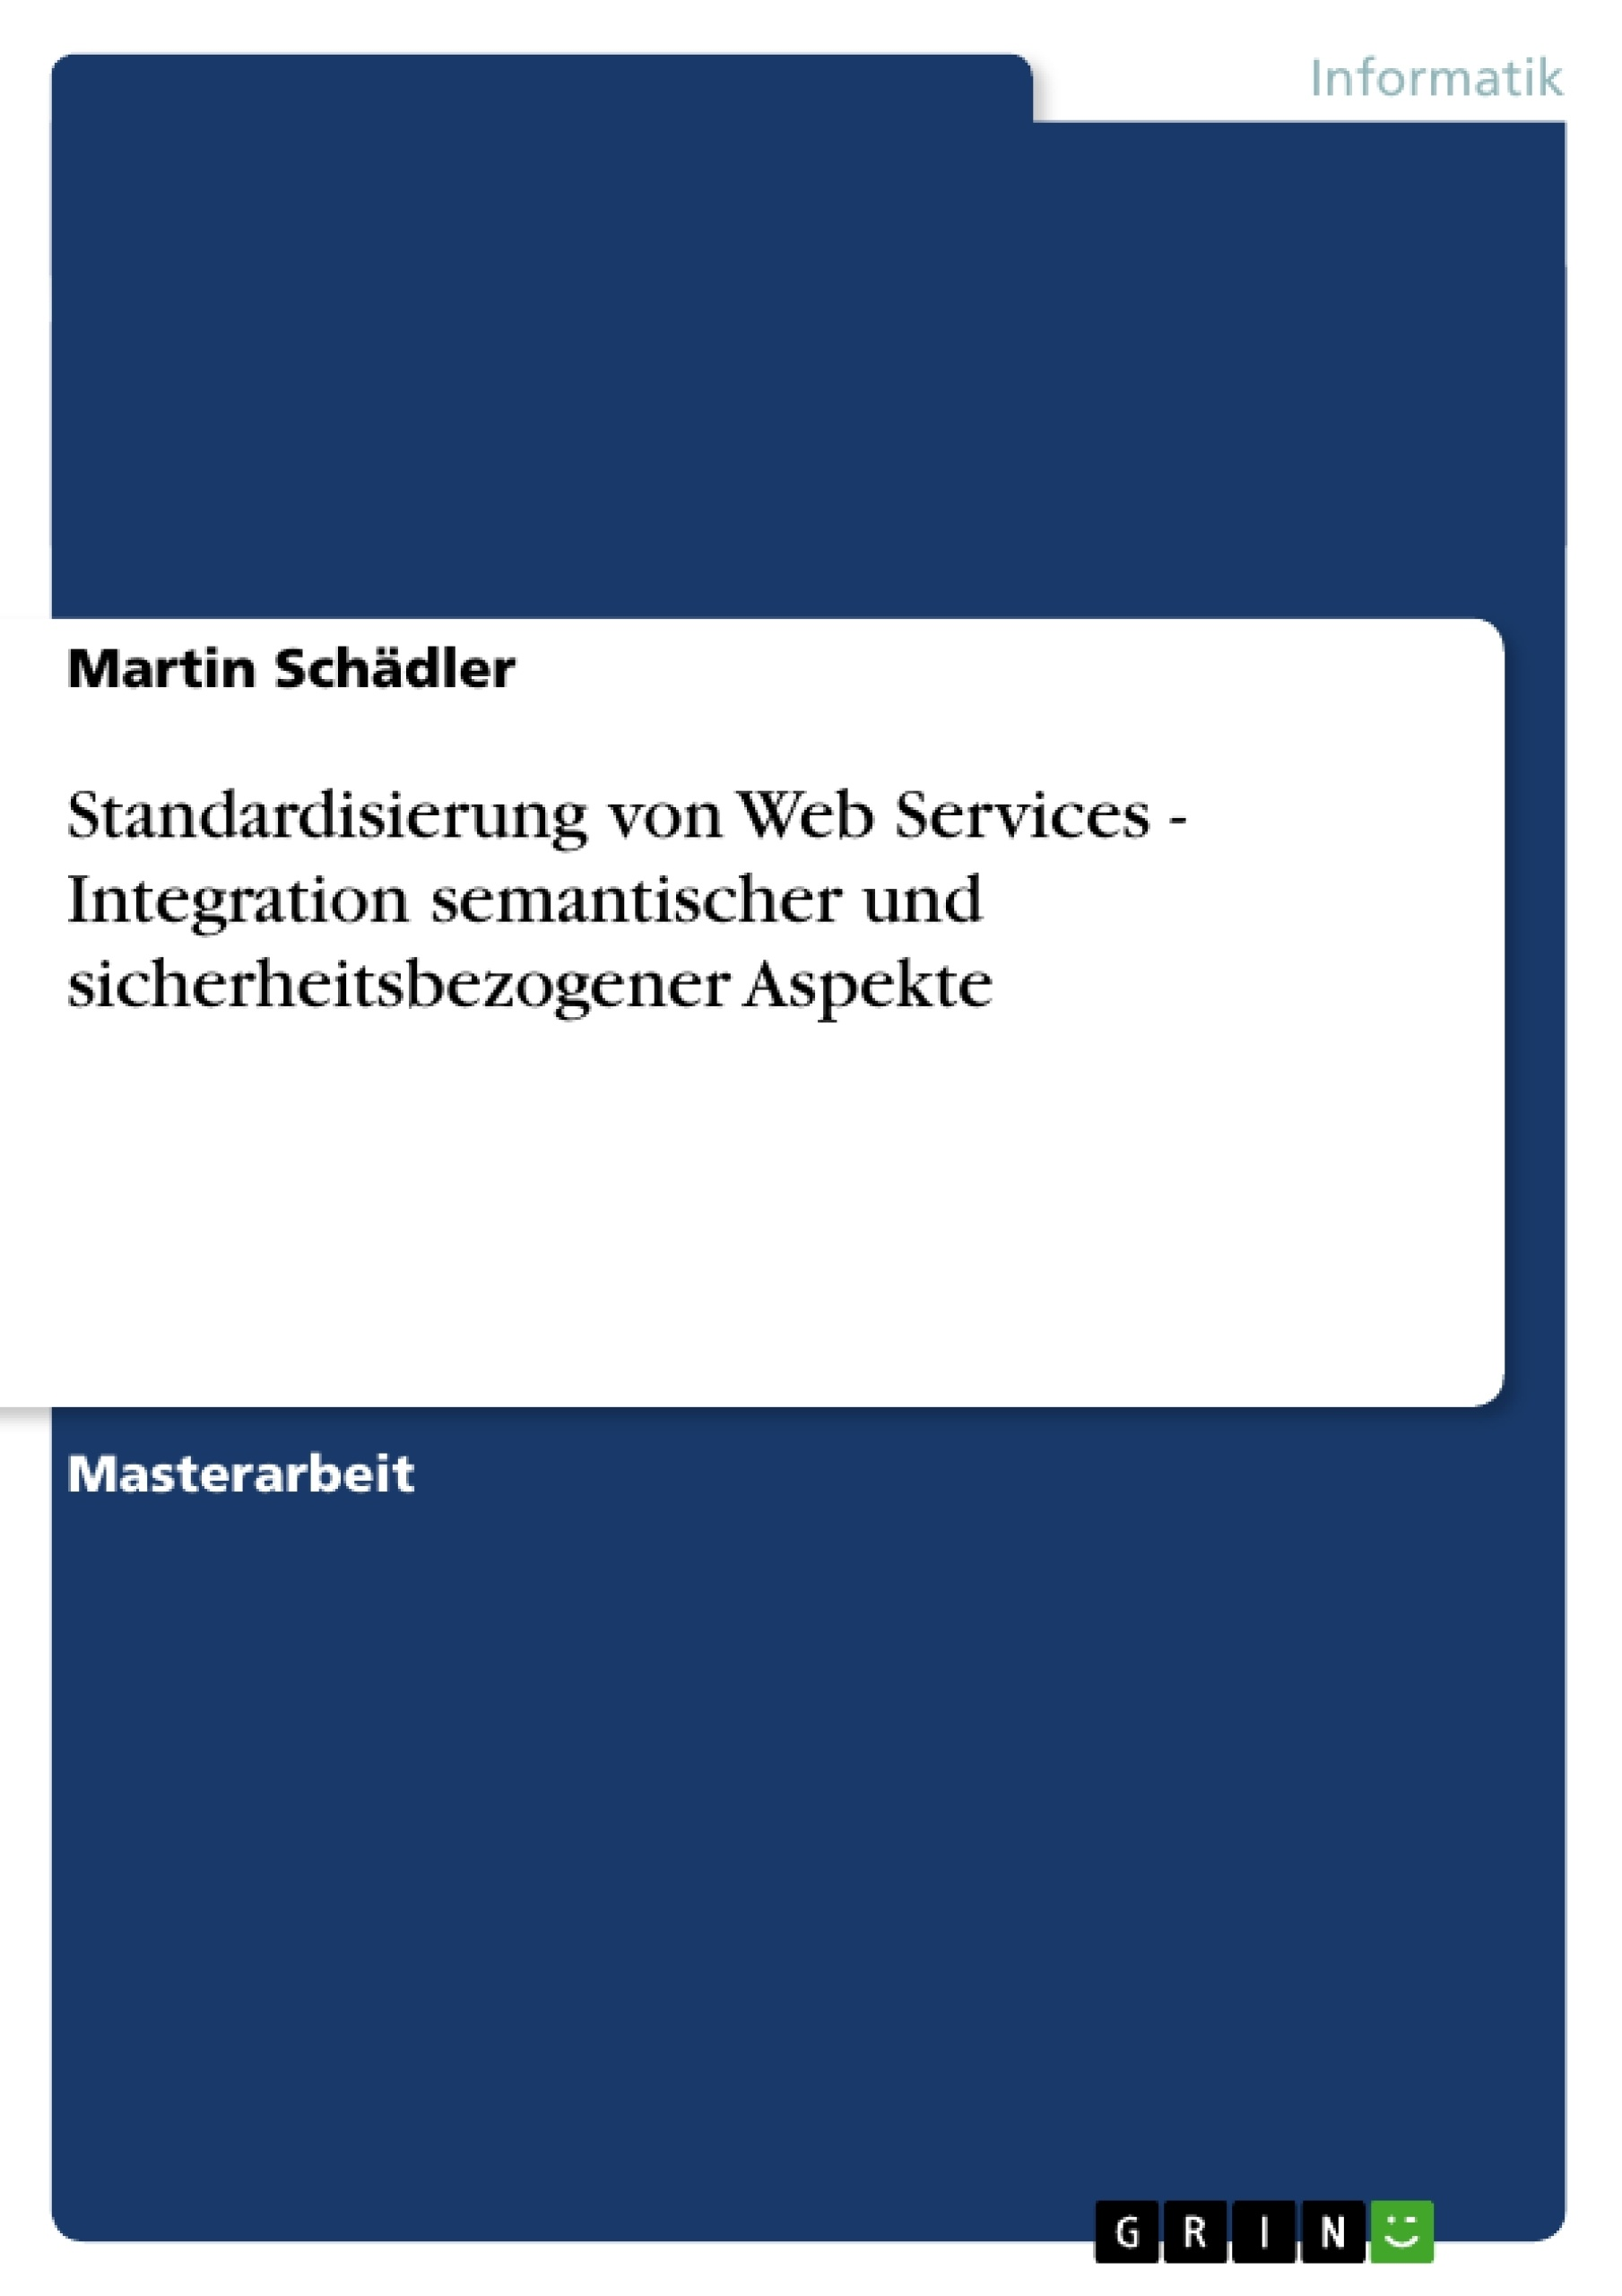 Titel: Standardisierung von Web Services - Integration semantischer und sicherheitsbezogener Aspekte